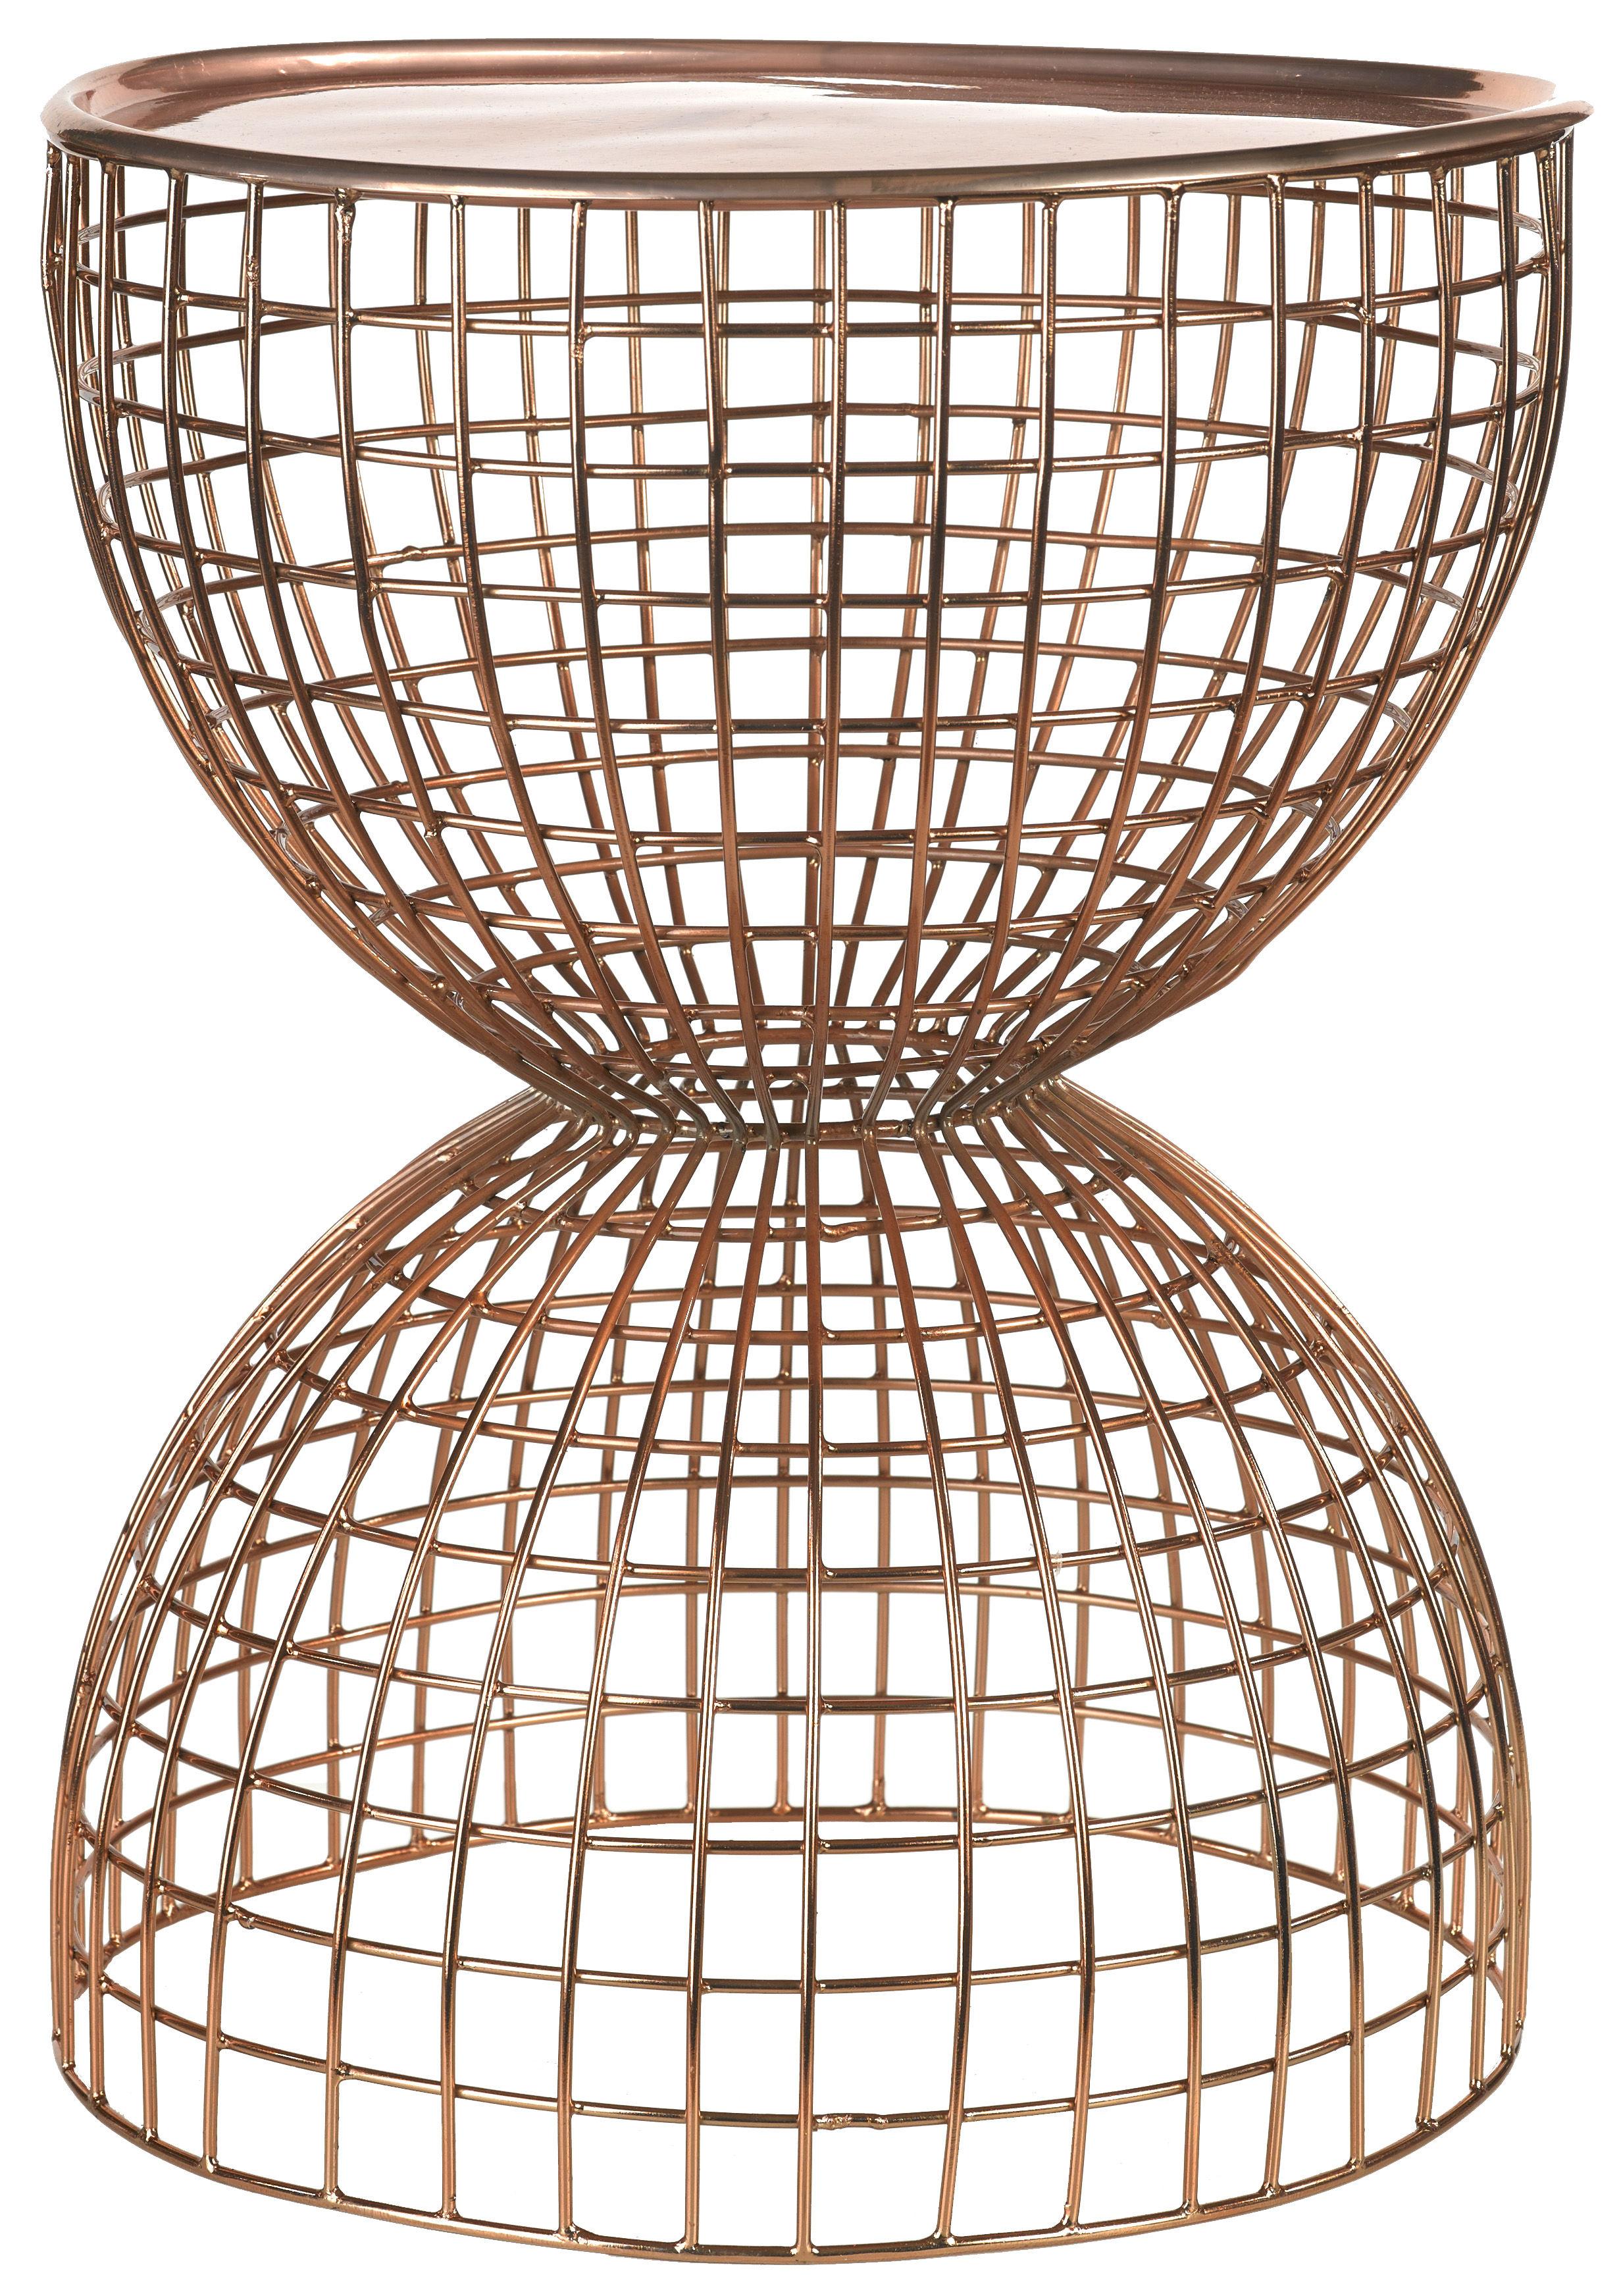 Mobilier - Tables basses - Table d'appoint Diabola Wire / Plateau amovible -  Ø 38 x H 45,5 cm - Pols Potten - Cuivre - Fer peint, Fil de fer peint